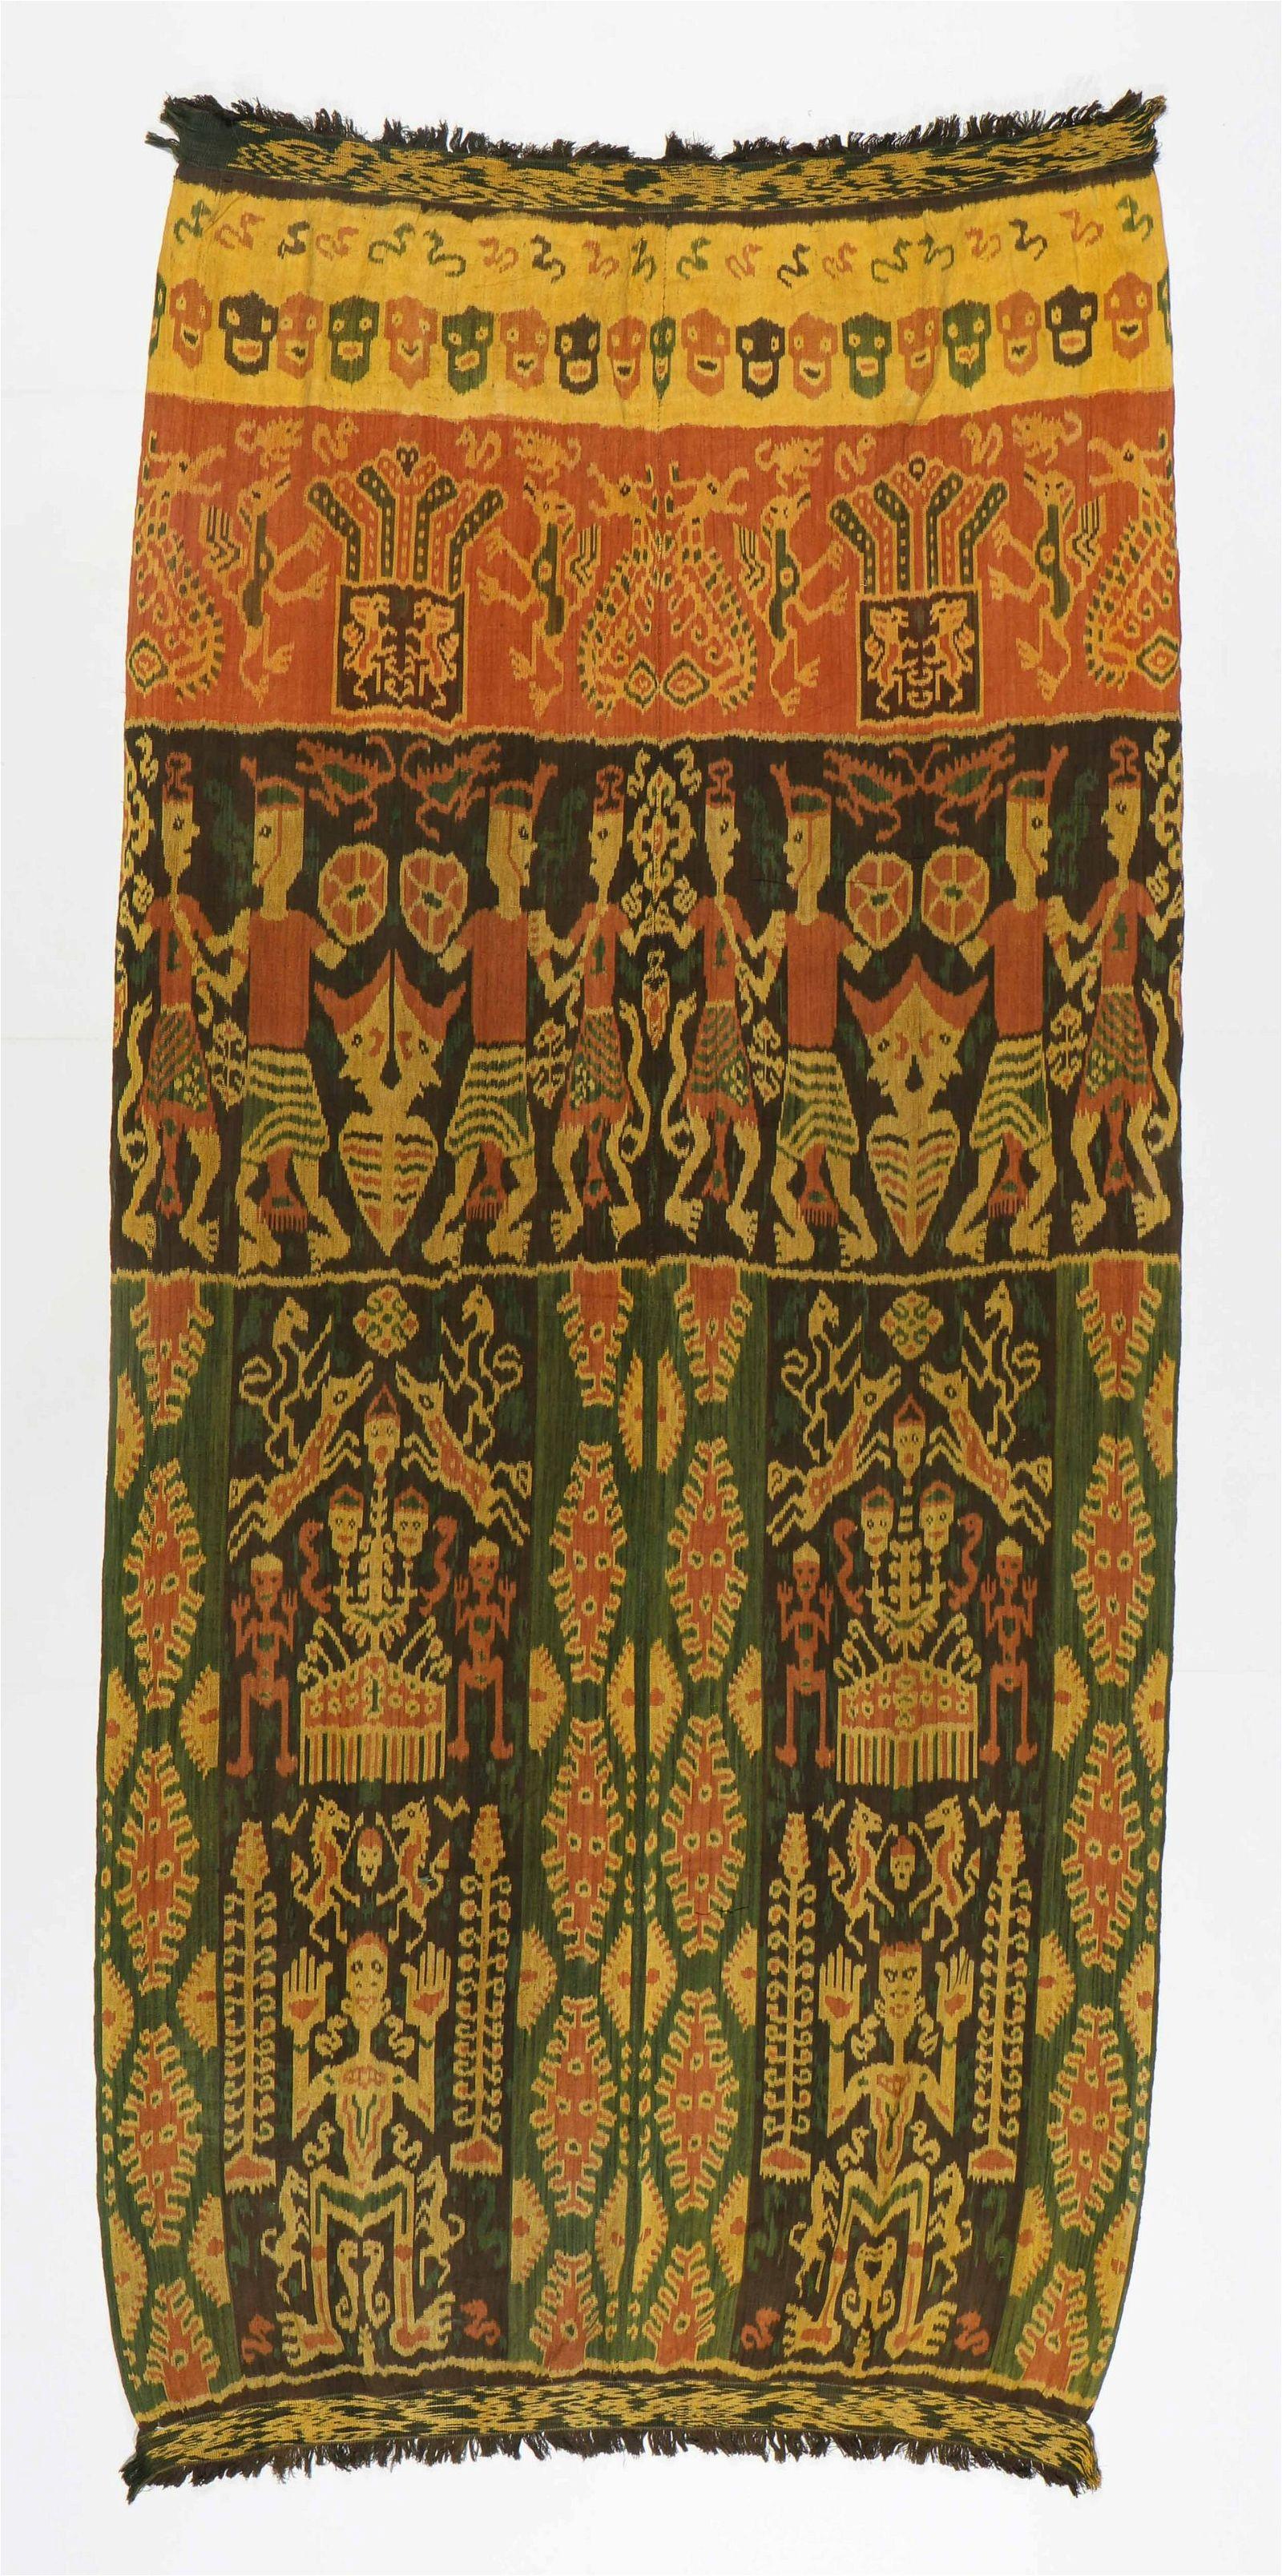 Sumba Cotton Ikat Hingii, Early to Mid 20th C.